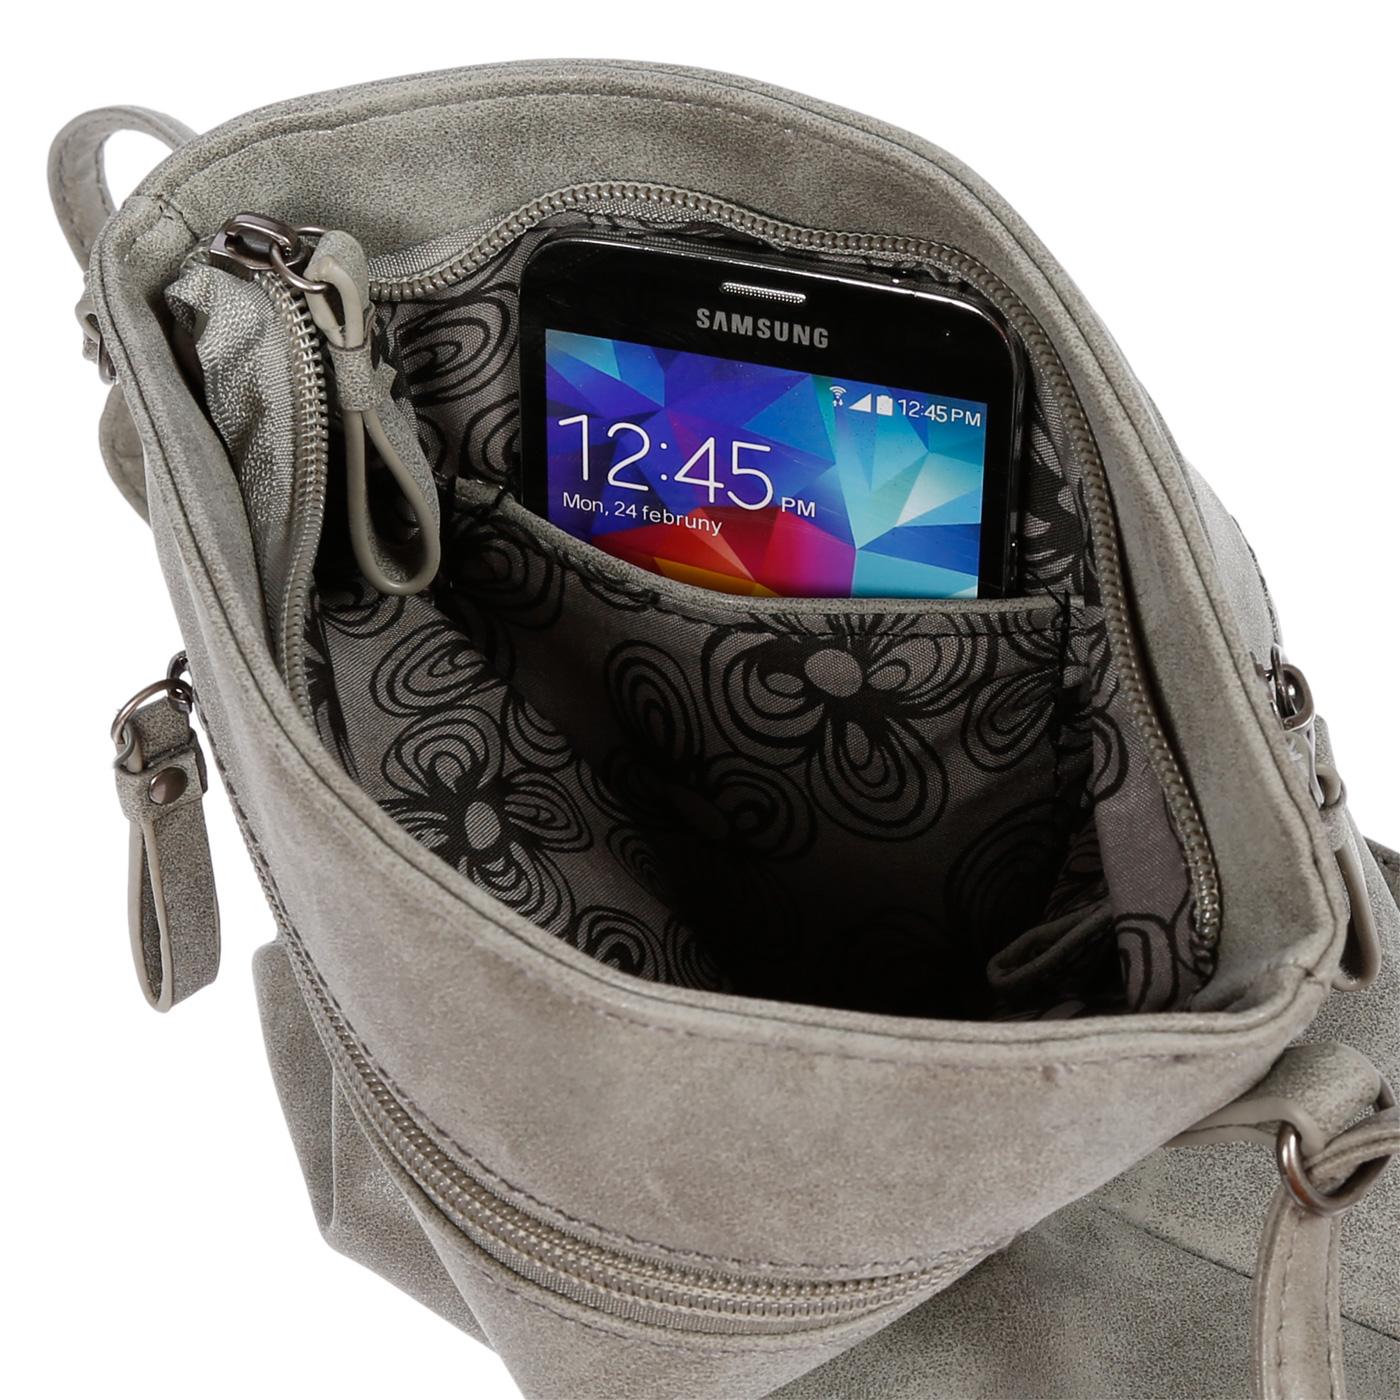 Damen-Handtasche-Umhaengetasche-Schultertasche-Tasche-Leder-Optik-Schwarz-Weiss Indexbild 41